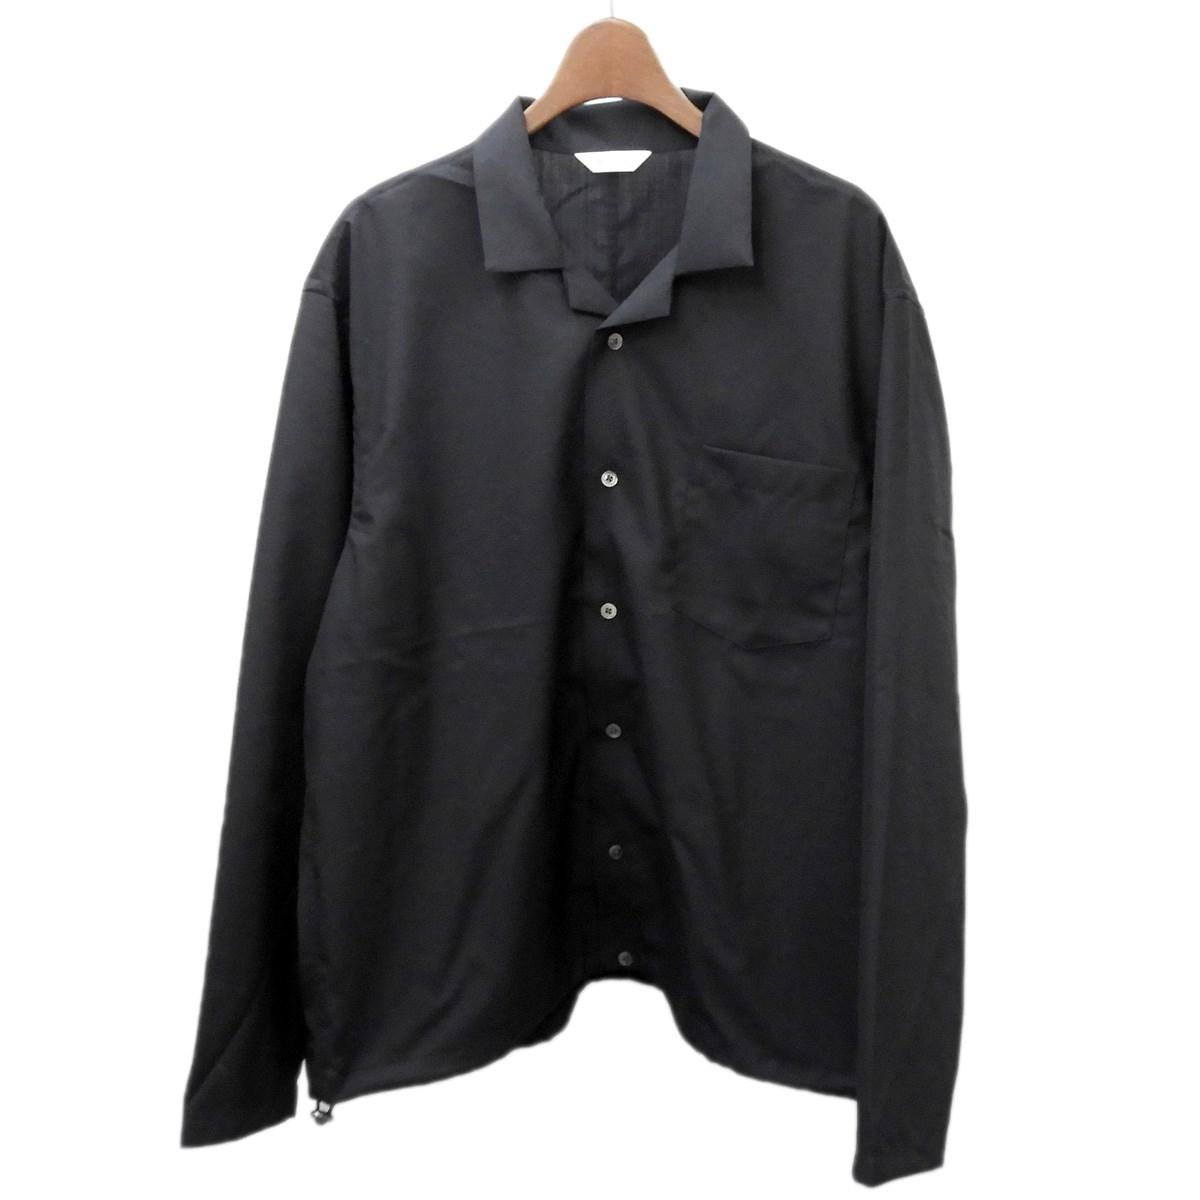 【中古】WELLDER 2020SS 「Drawstring Shirt」 ドローストリングシャツ ブラック サイズ:3 【210320】(ウェルダー)